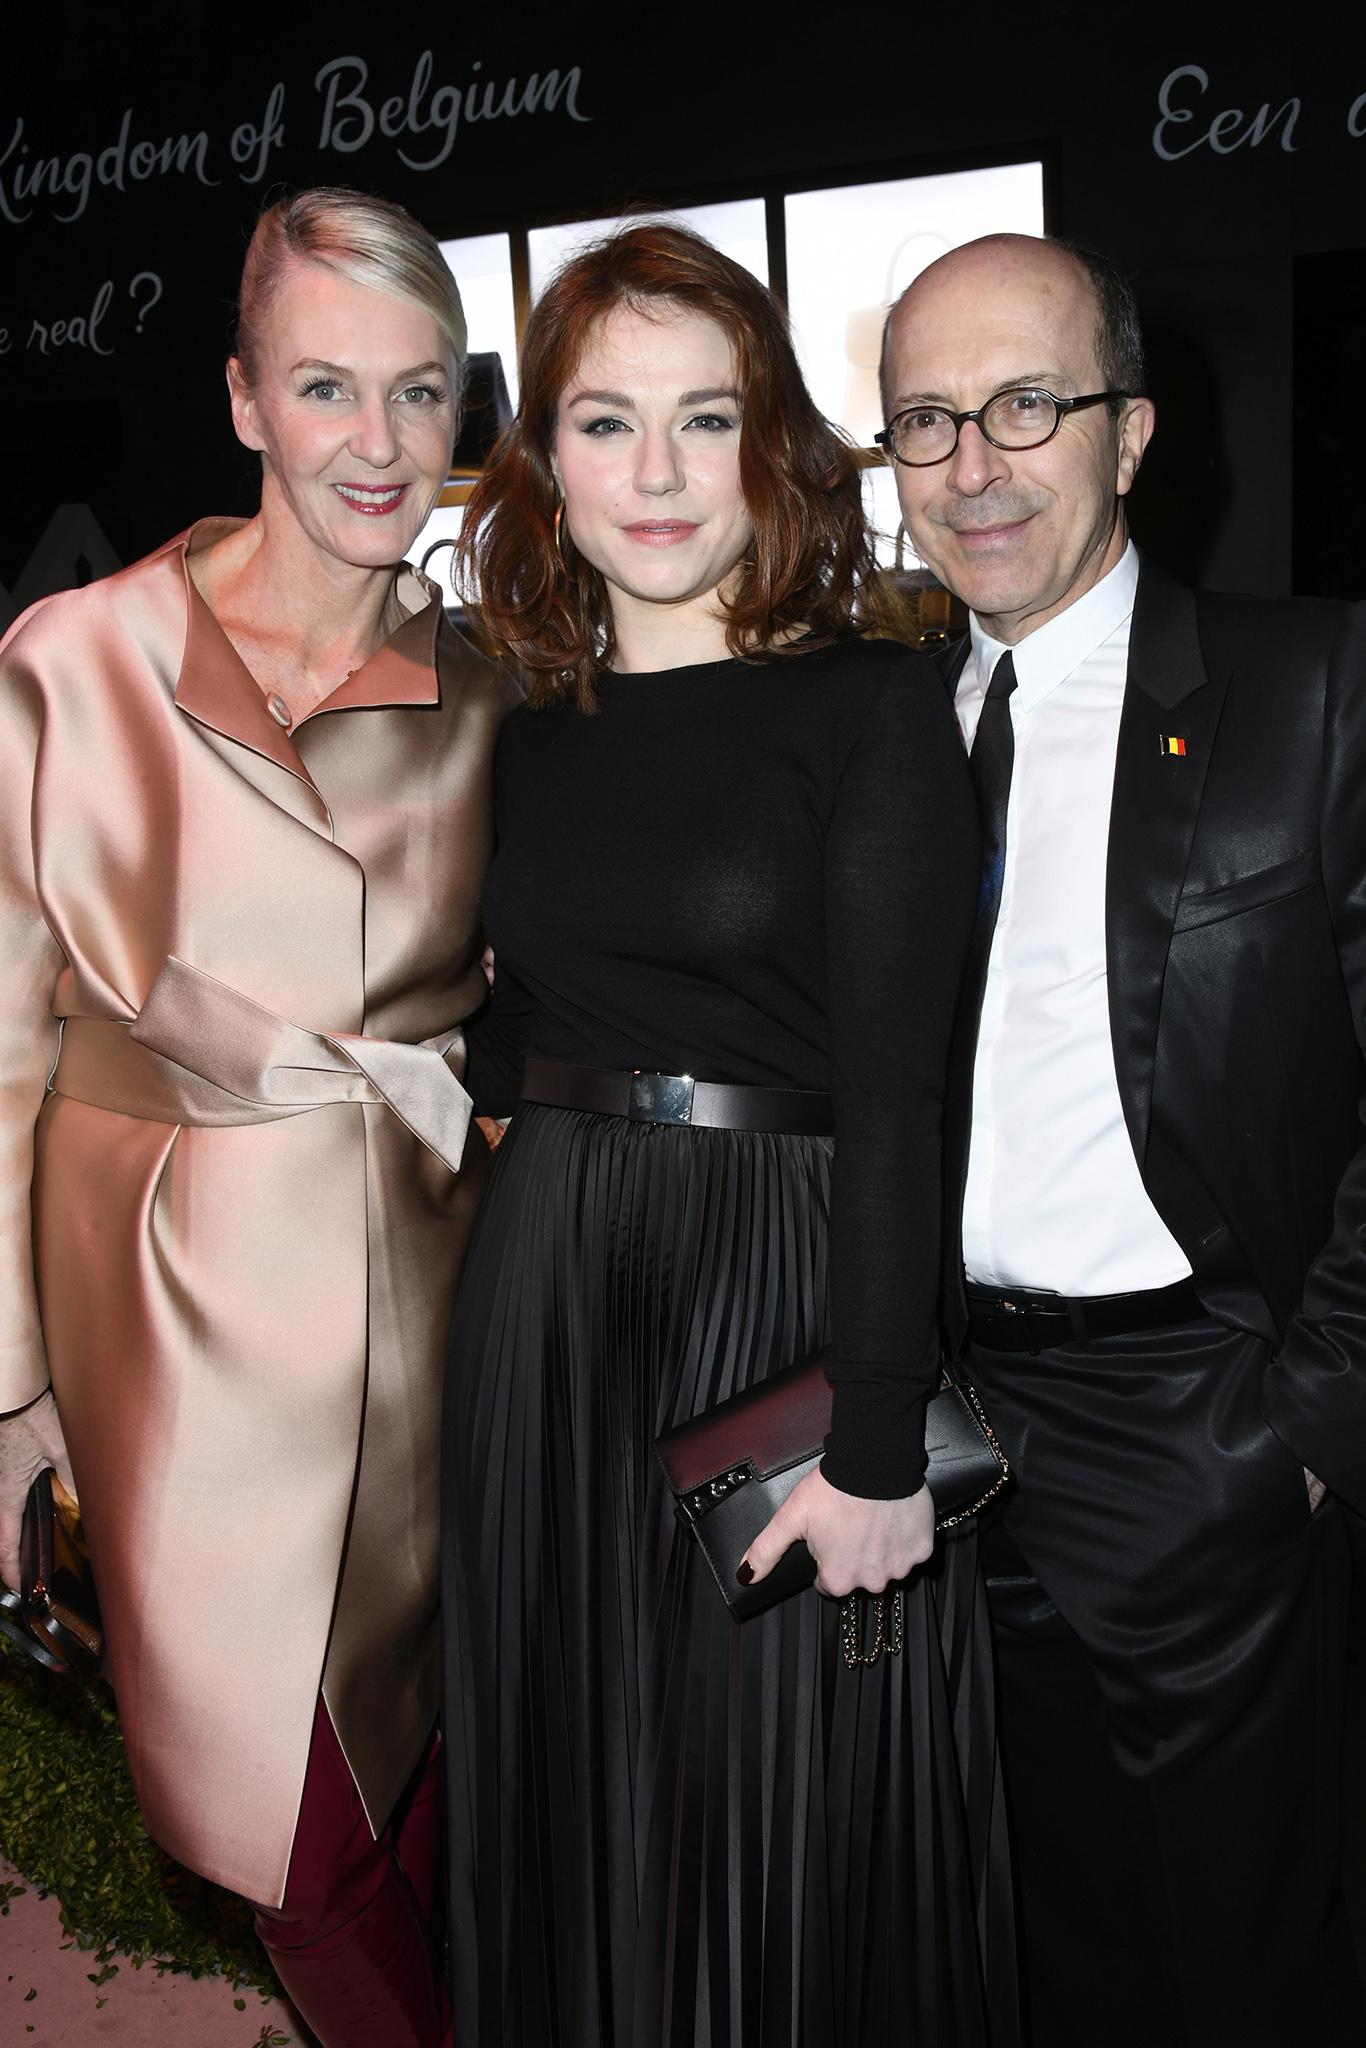 Christina Zeller, Emilie Dequenne and Jean-Marc Loubier